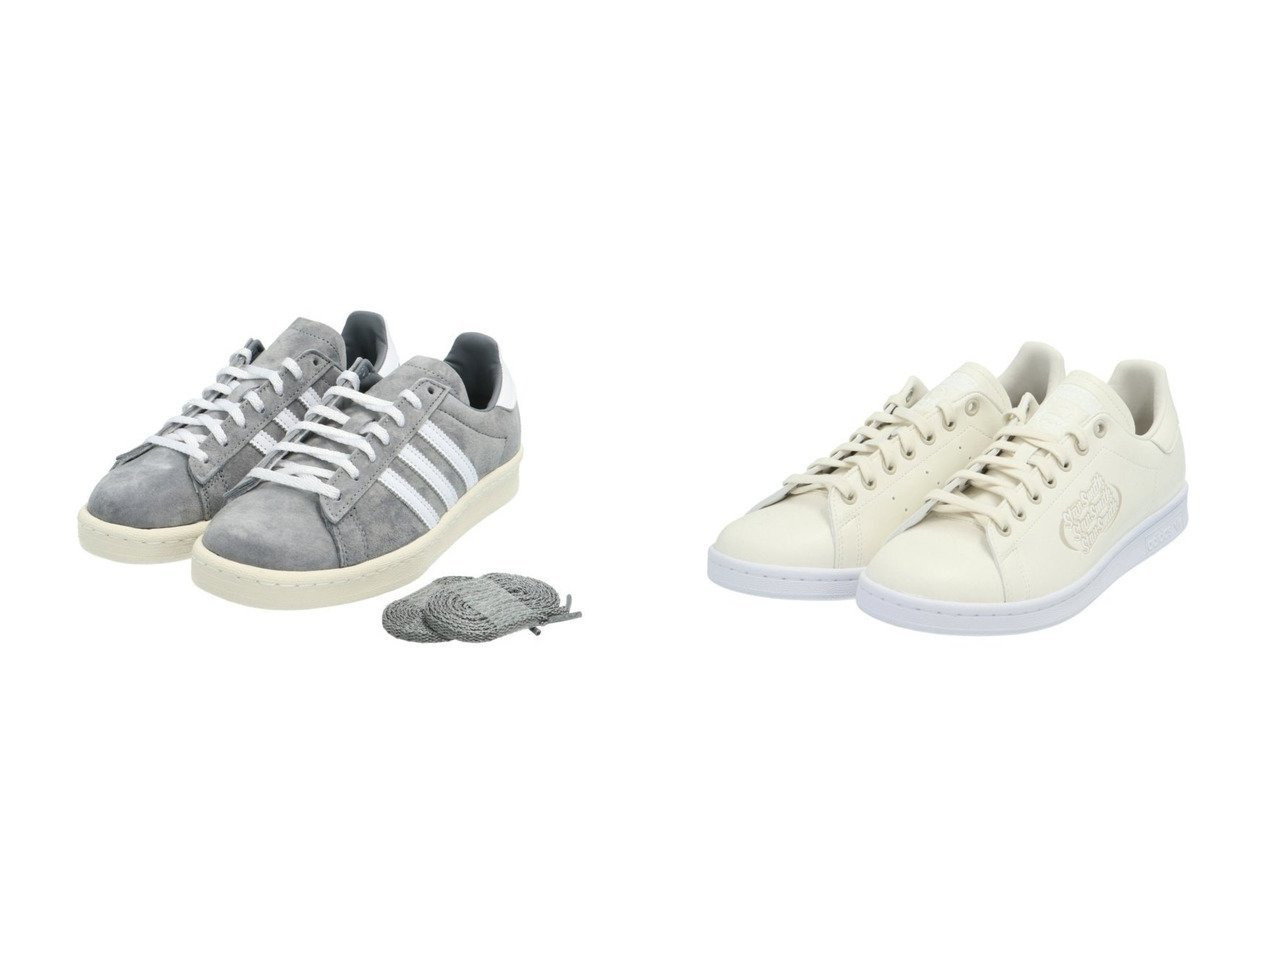 【adidas Originals/アディダス オリジナルス】のCAMPUS 80s&スタンスミス STAN SMITH アディダスオリジナルス FX5574 FX5575 【シューズ・靴】おすすめ!人気、トレンド・レディースファッションの通販 おすすめで人気の流行・トレンド、ファッションの通販商品 メンズファッション・キッズファッション・インテリア・家具・レディースファッション・服の通販 founy(ファニー) https://founy.com/ ファッション Fashion レディースファッション WOMEN シューズ ジーンズ スニーカー スリッポン 定番 Standard ベーシック クラシック スエード ストライプ 人気 |ID:crp329100000029193